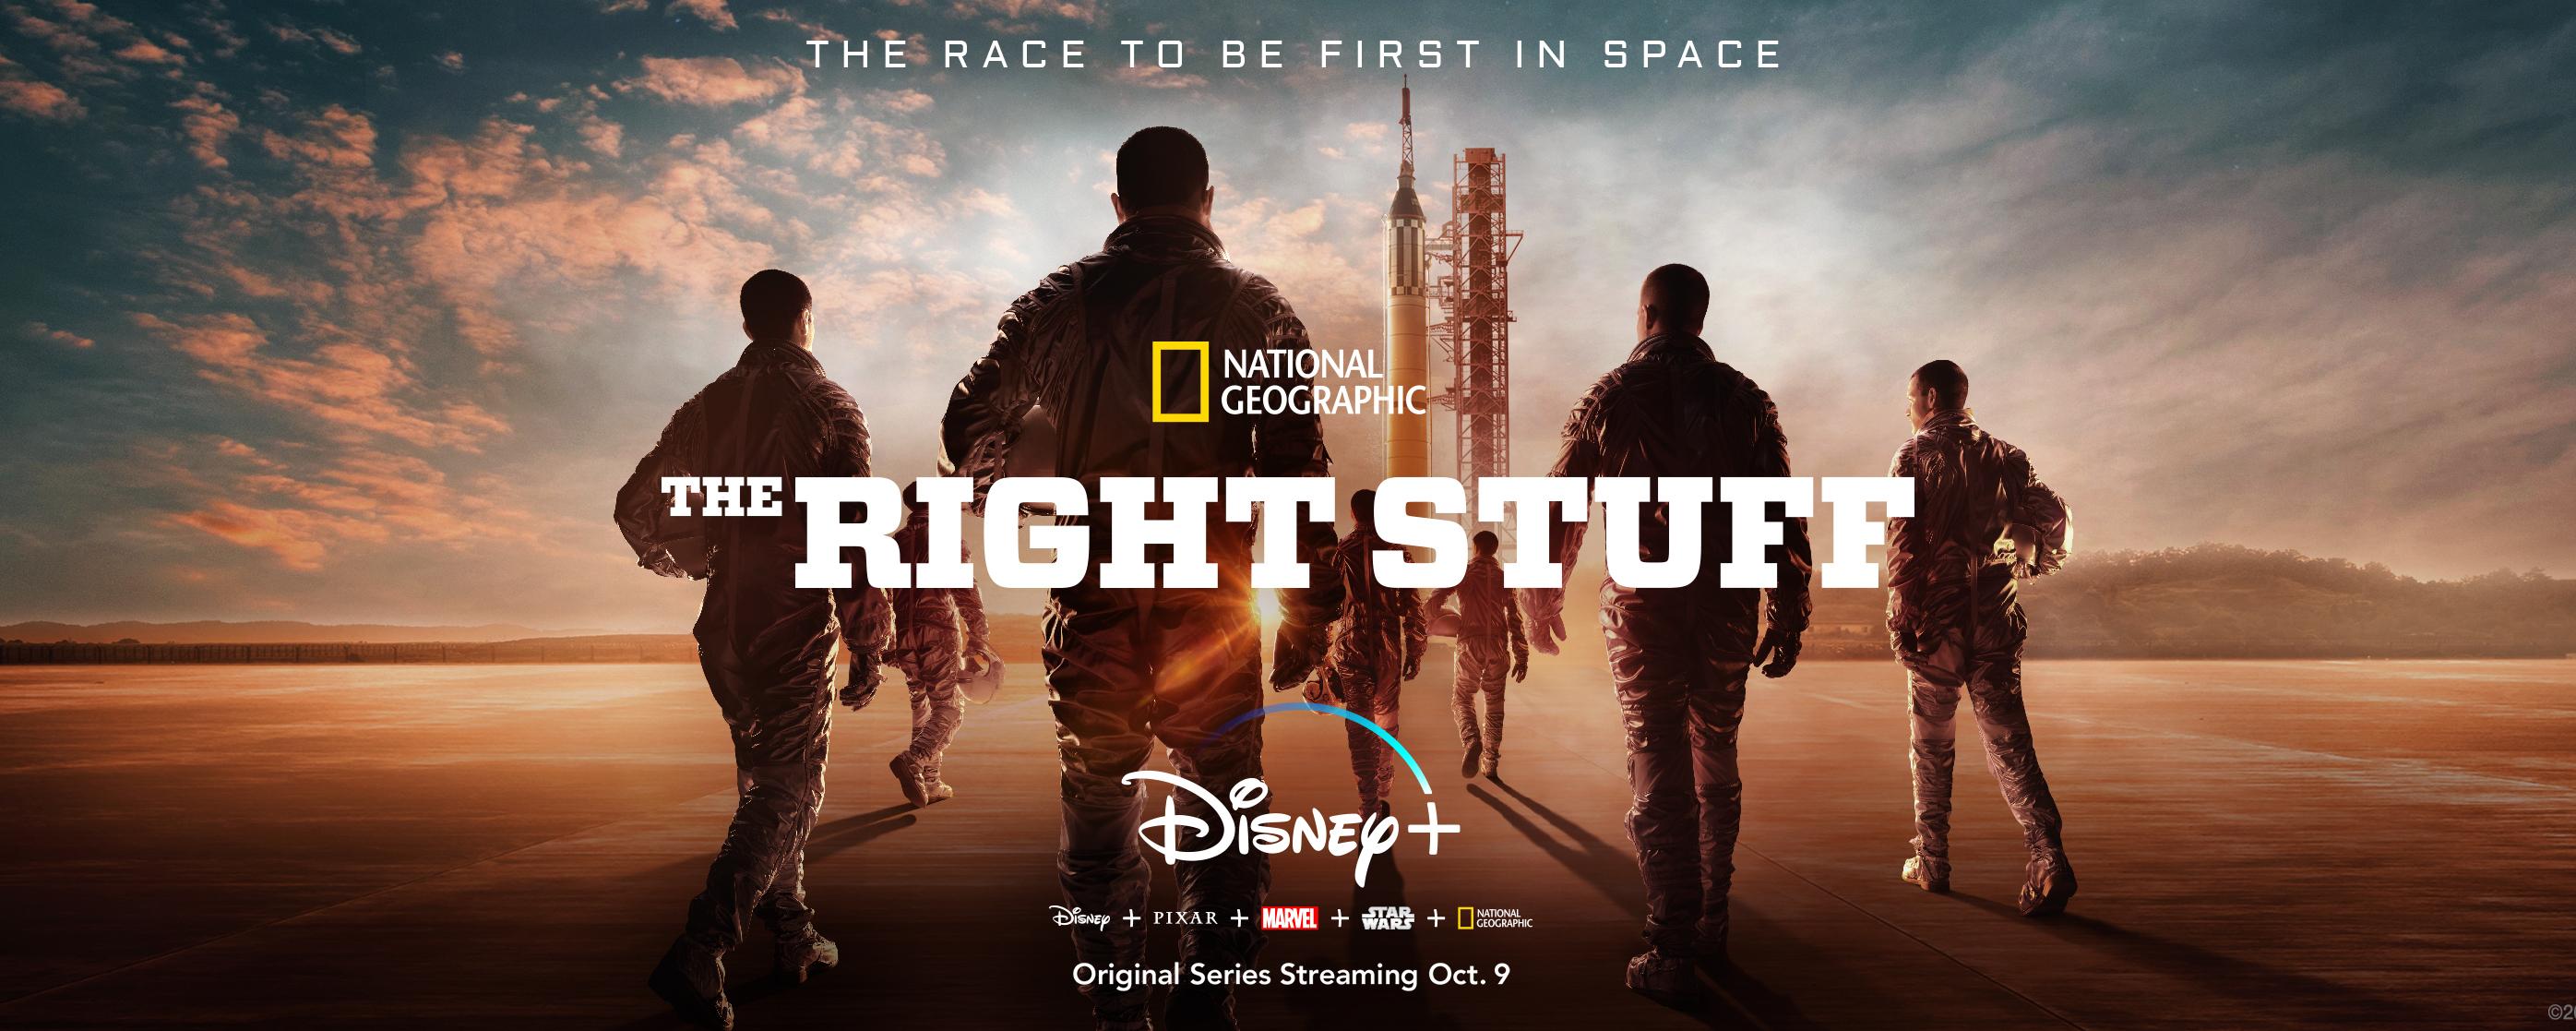 Right Stuff Premiere